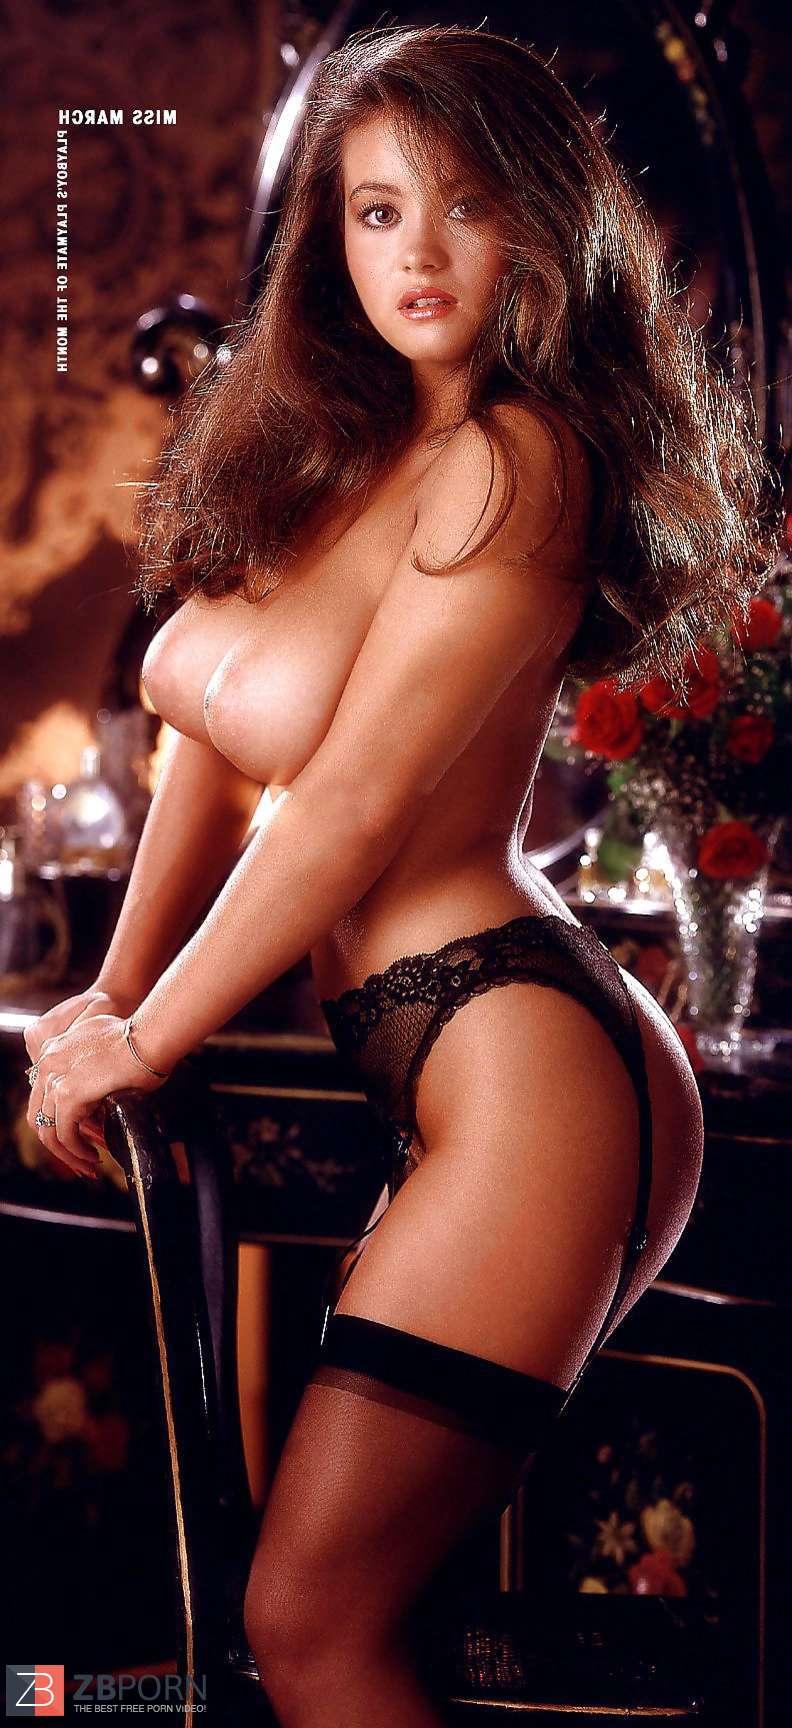 Andressa Soares Nude Photos vintage breasts - alana soares / zb porn